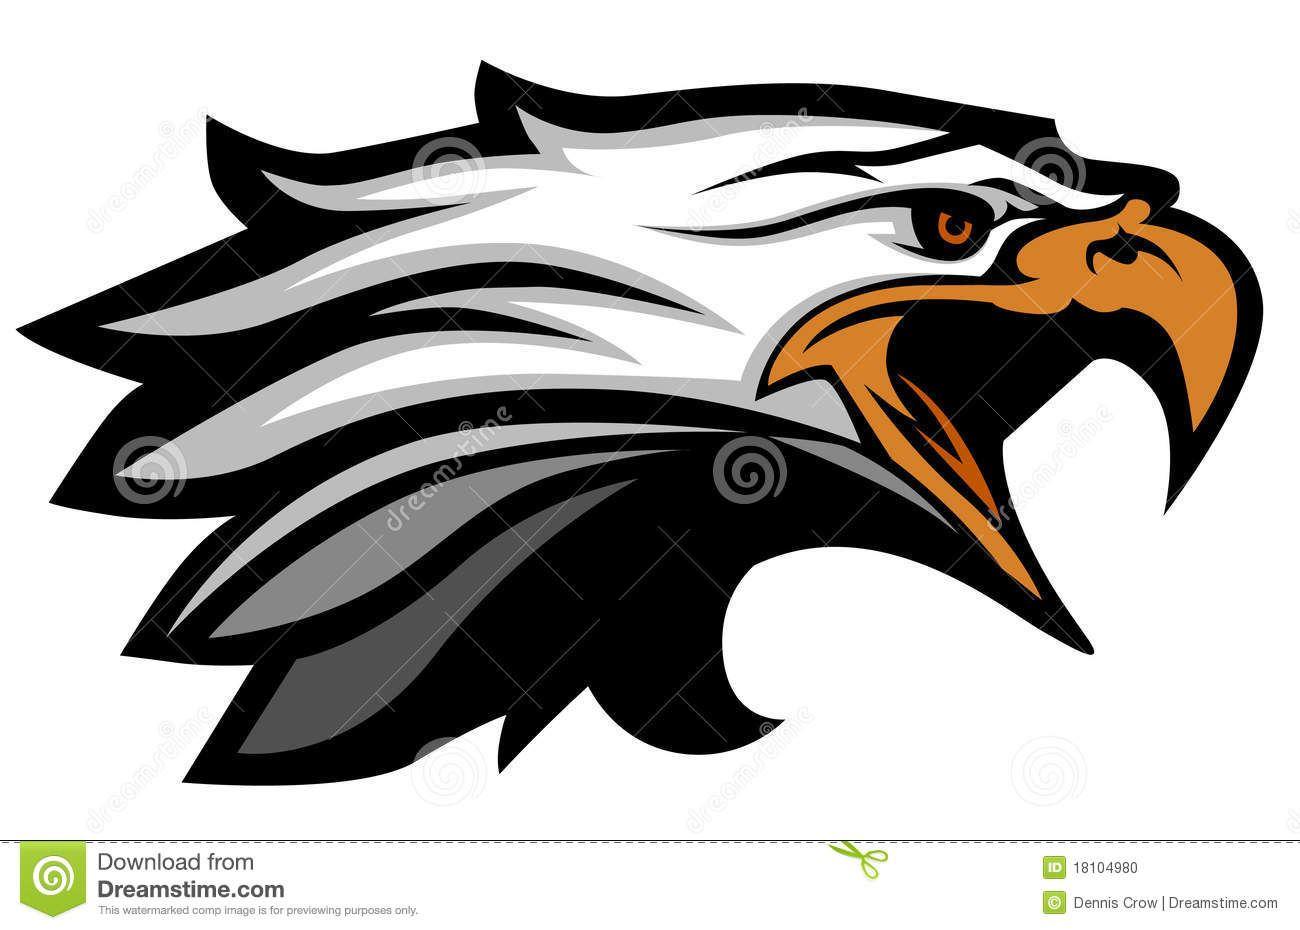 Nixa - Eagles 7